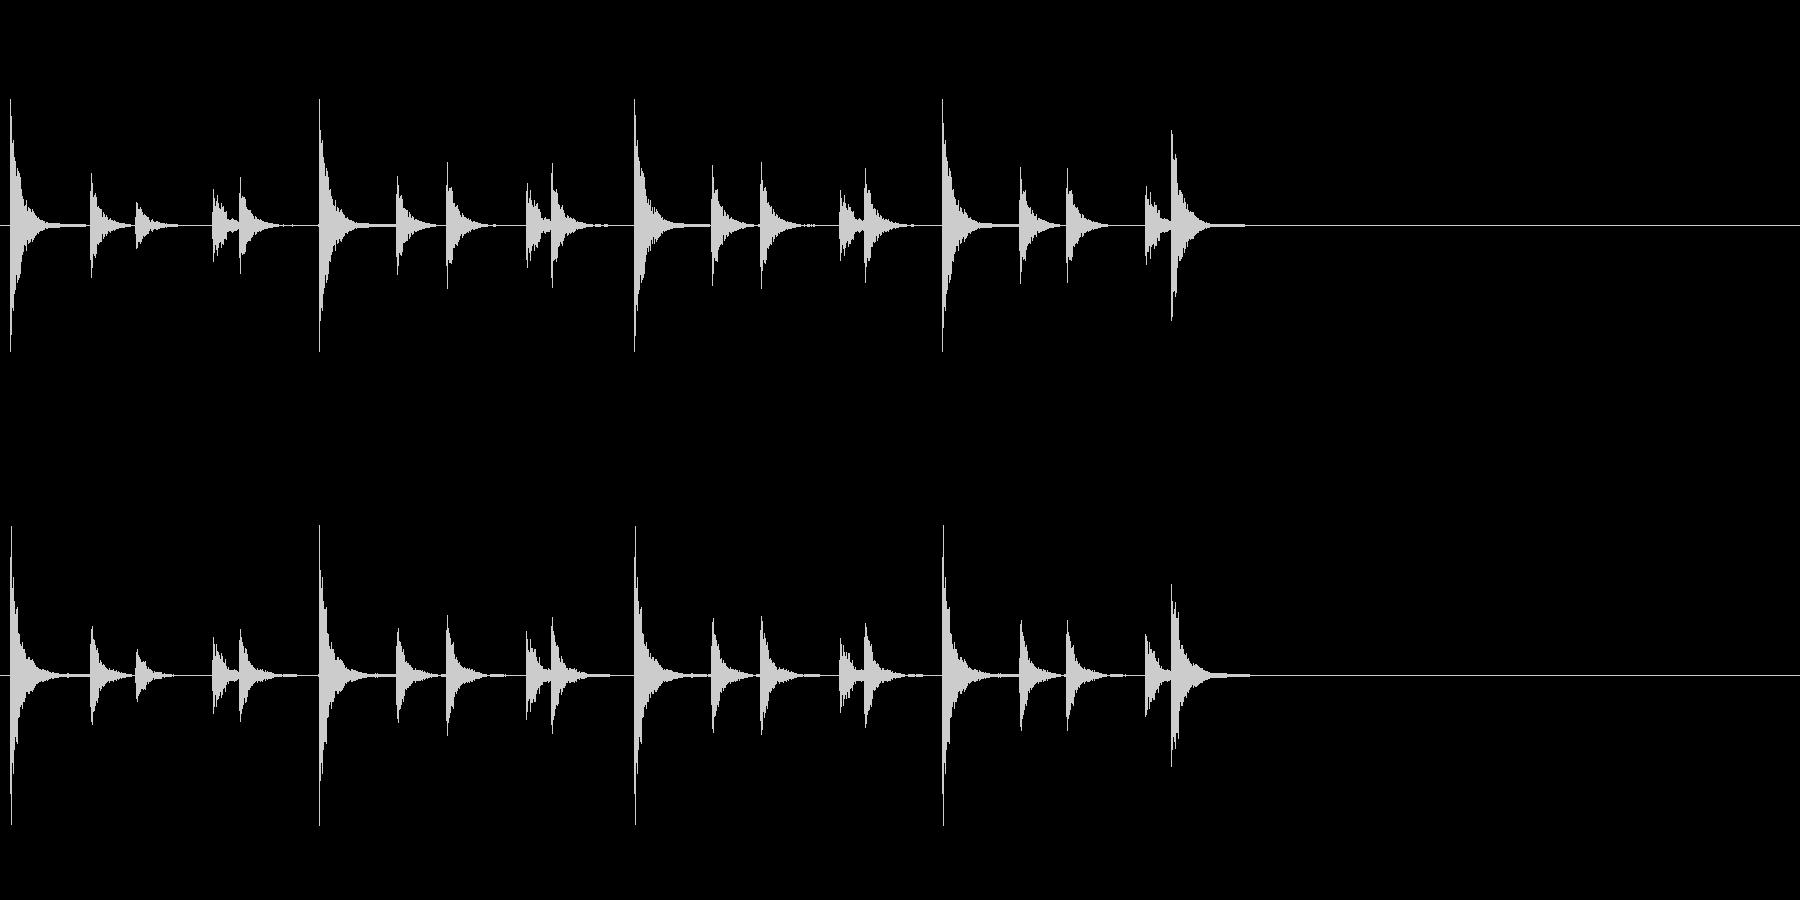 相撲などの触れ太鼓「大拍子」フレーズ音1の未再生の波形